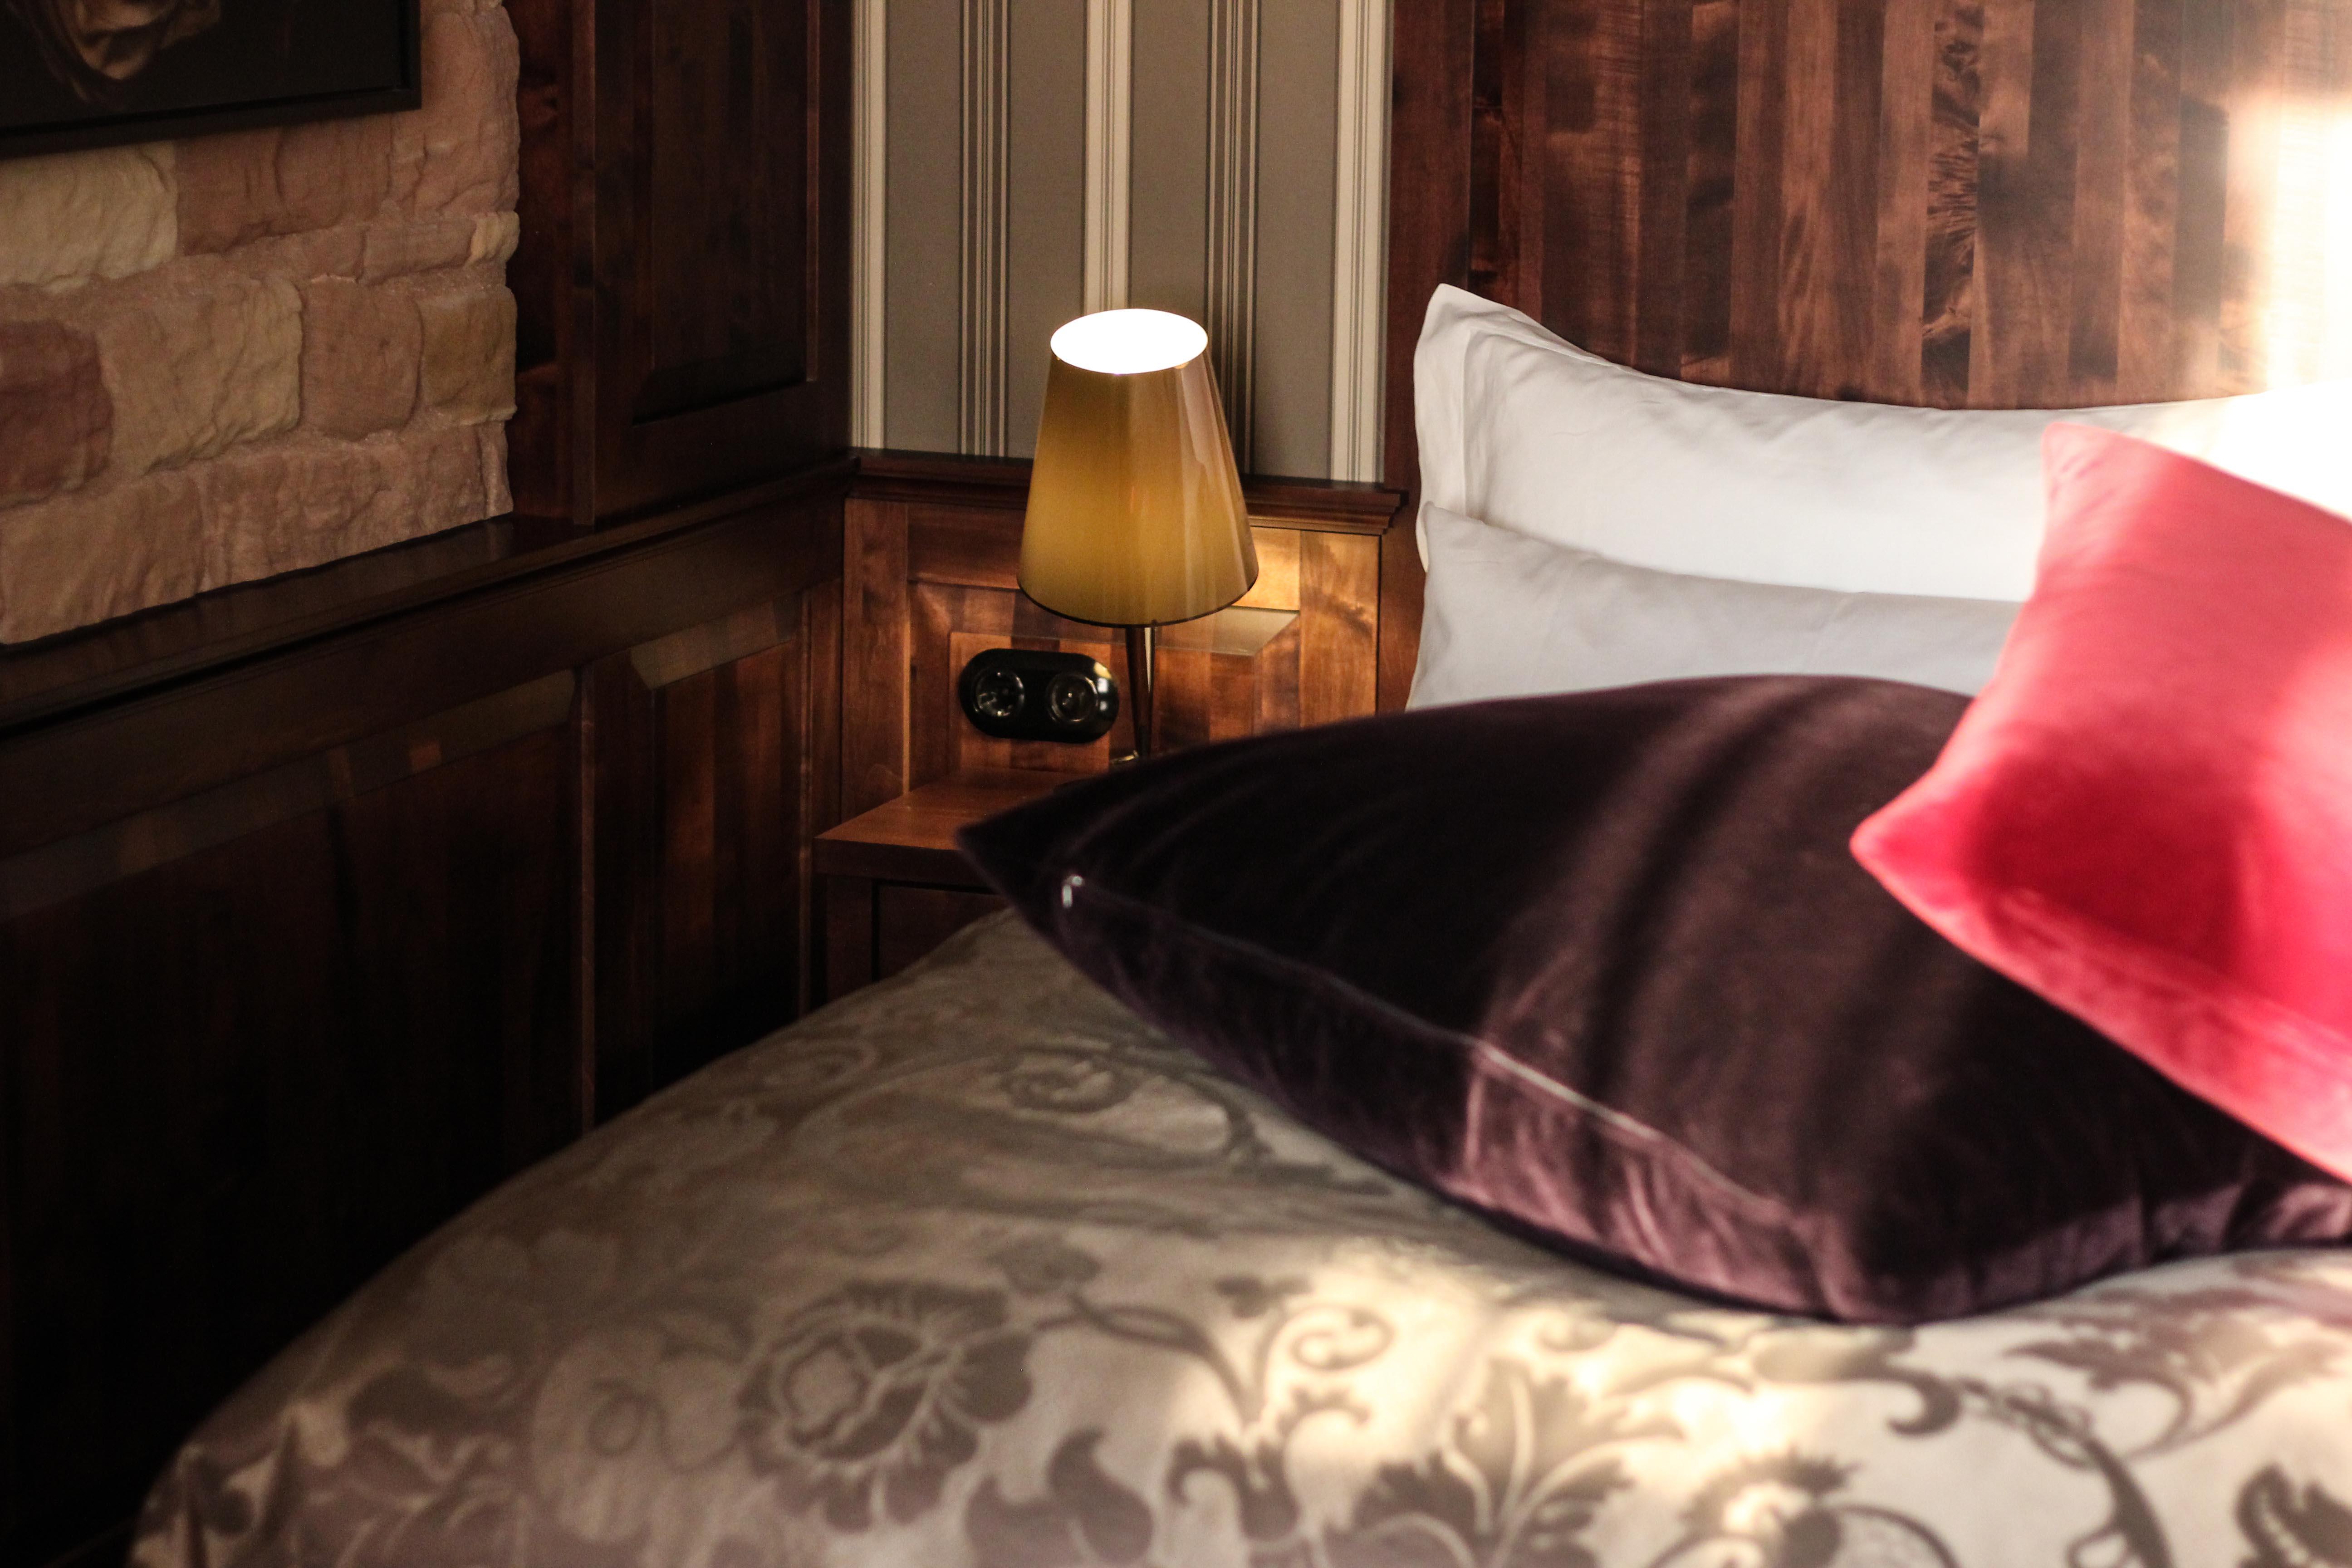 landhotel-lösch-für-freunde-hotelbericht-review-außergewöhnlich-pfalz-hornbach-blogger-wochenende-hotelzimmer